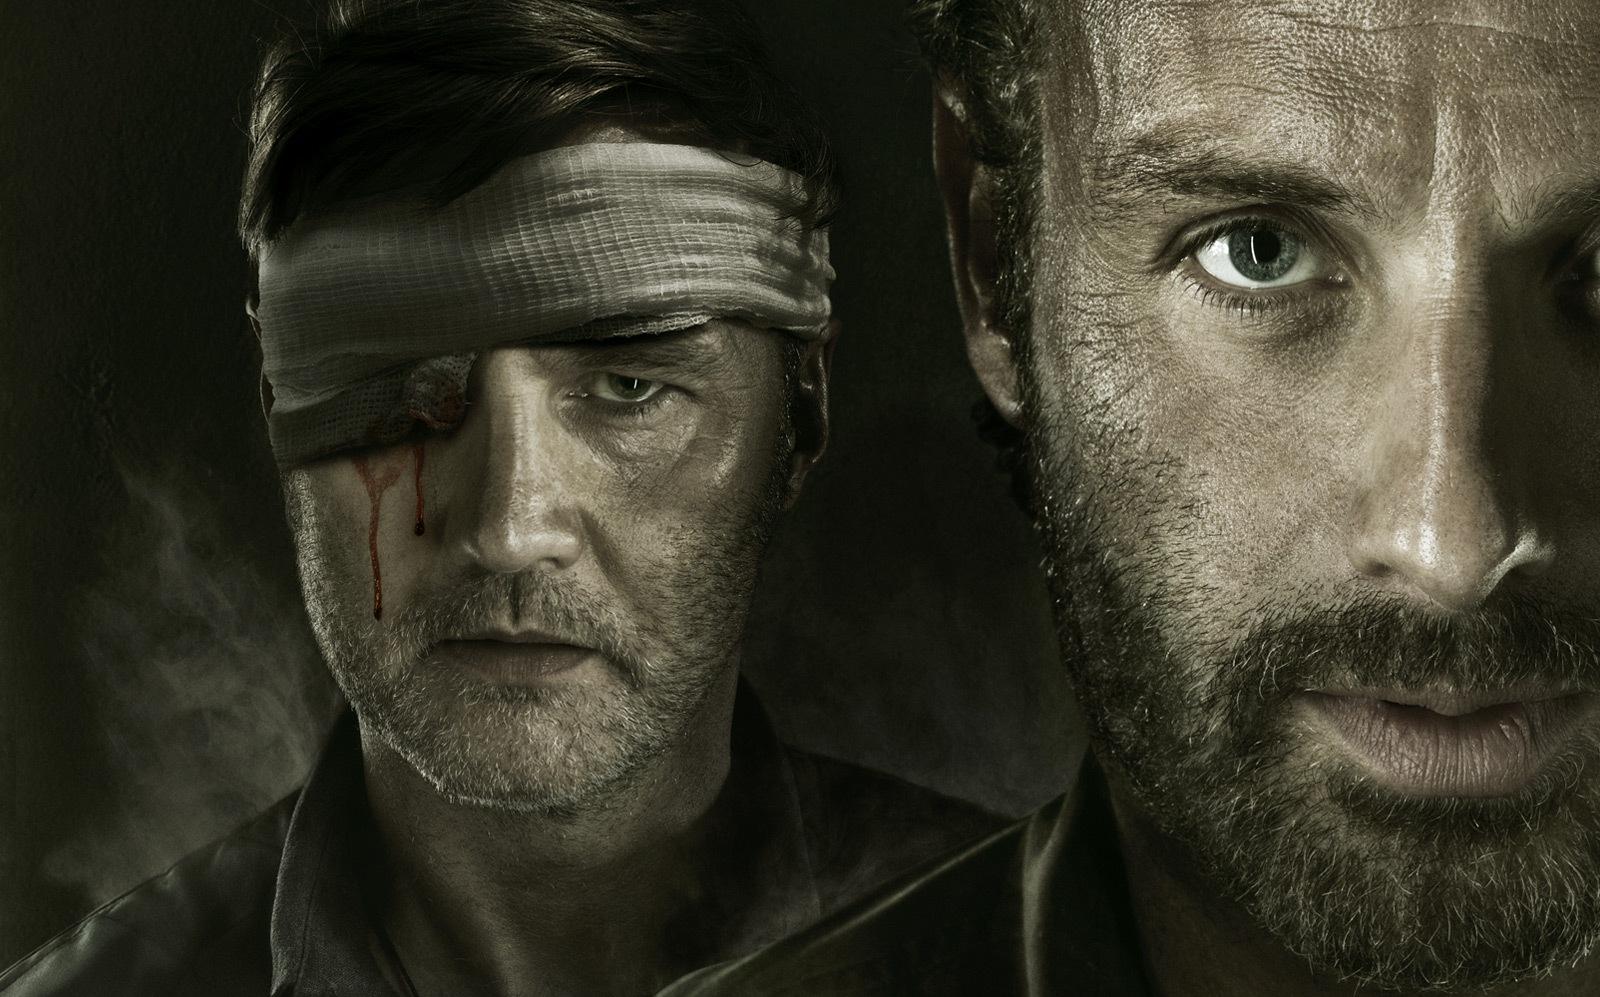 The-Walking-Dead-season-3-wallpaper